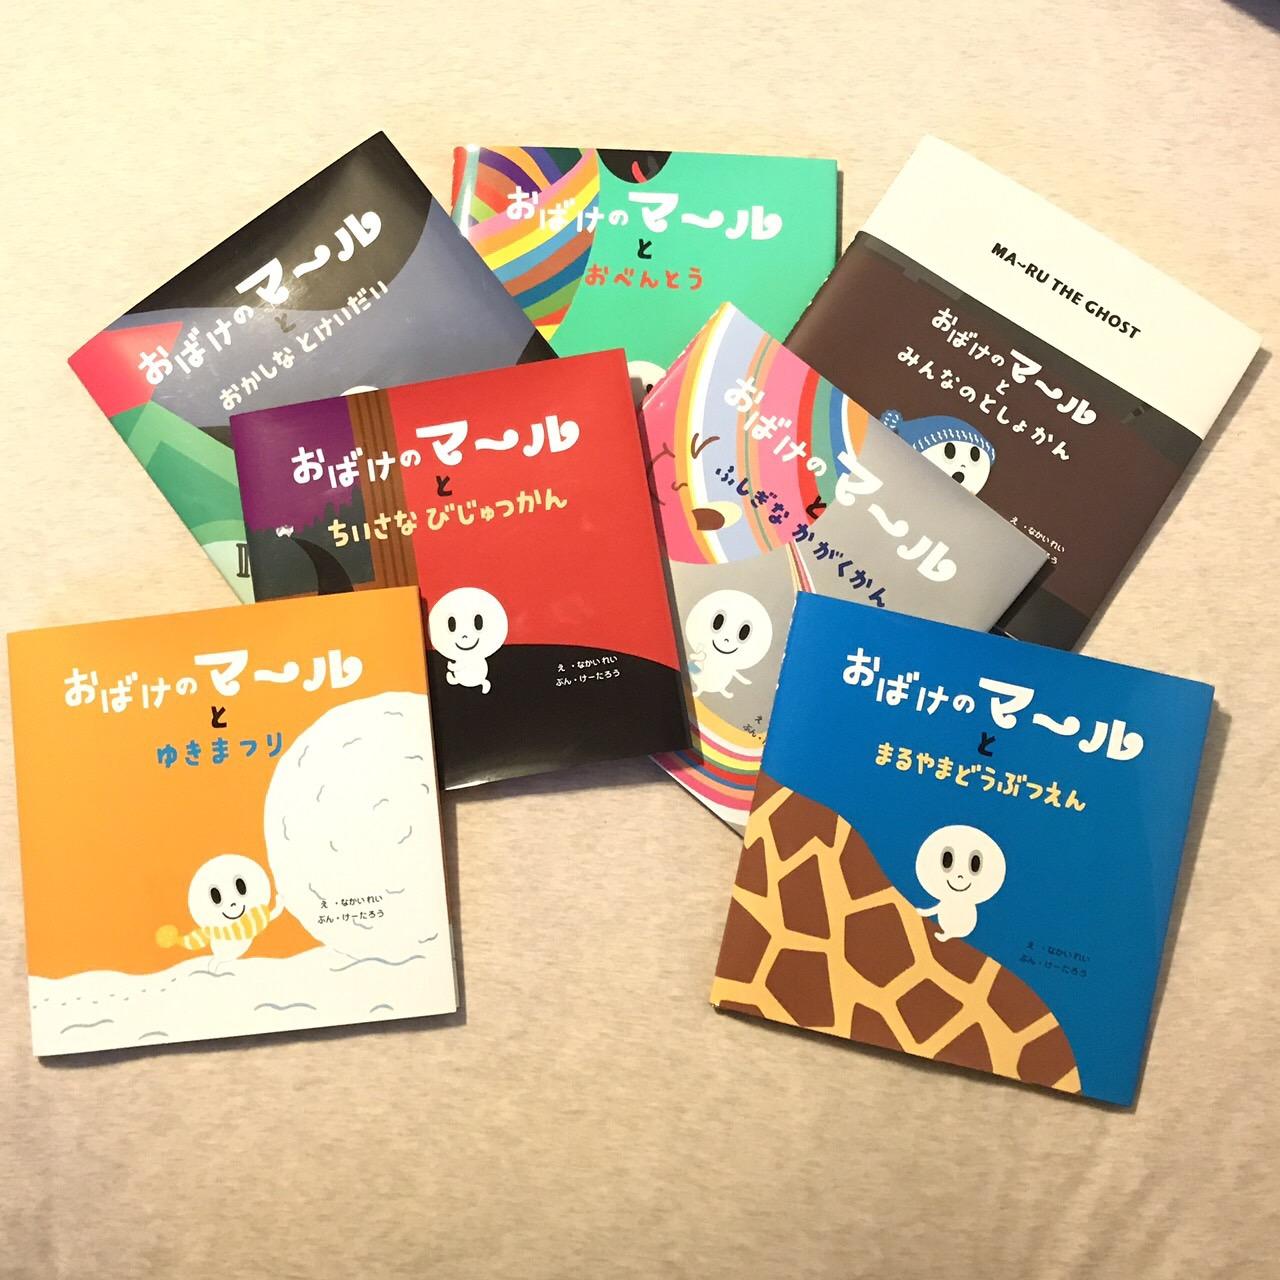 札幌発の人気の絵本『おばけのマ~ル』知っていますか?